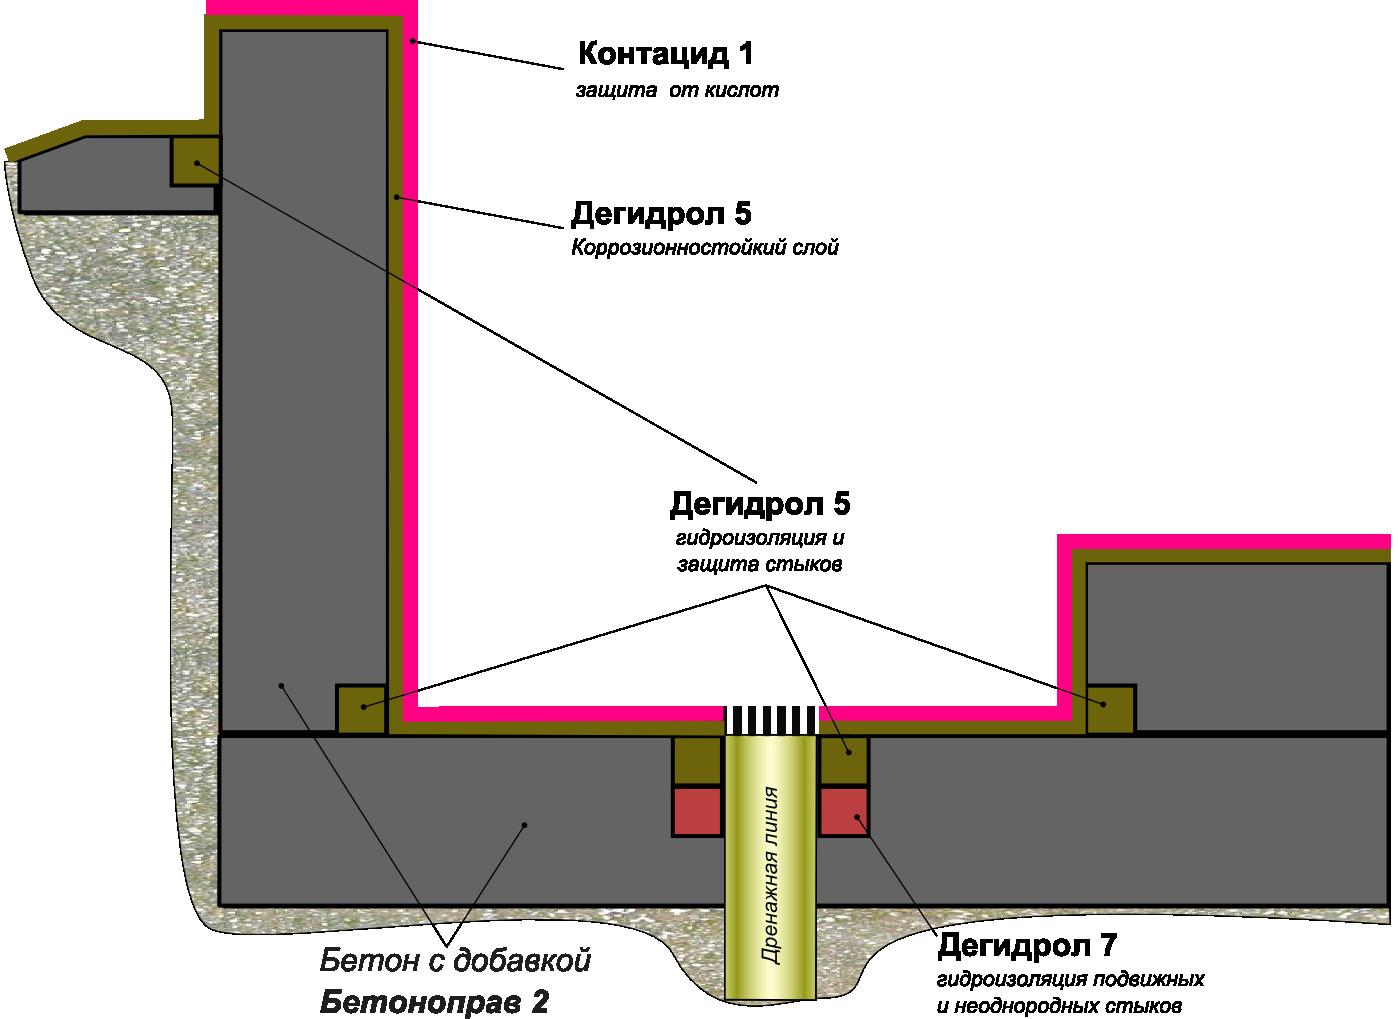 Схема защиты бетонных конструкций поддонов для сбора проливов кислот